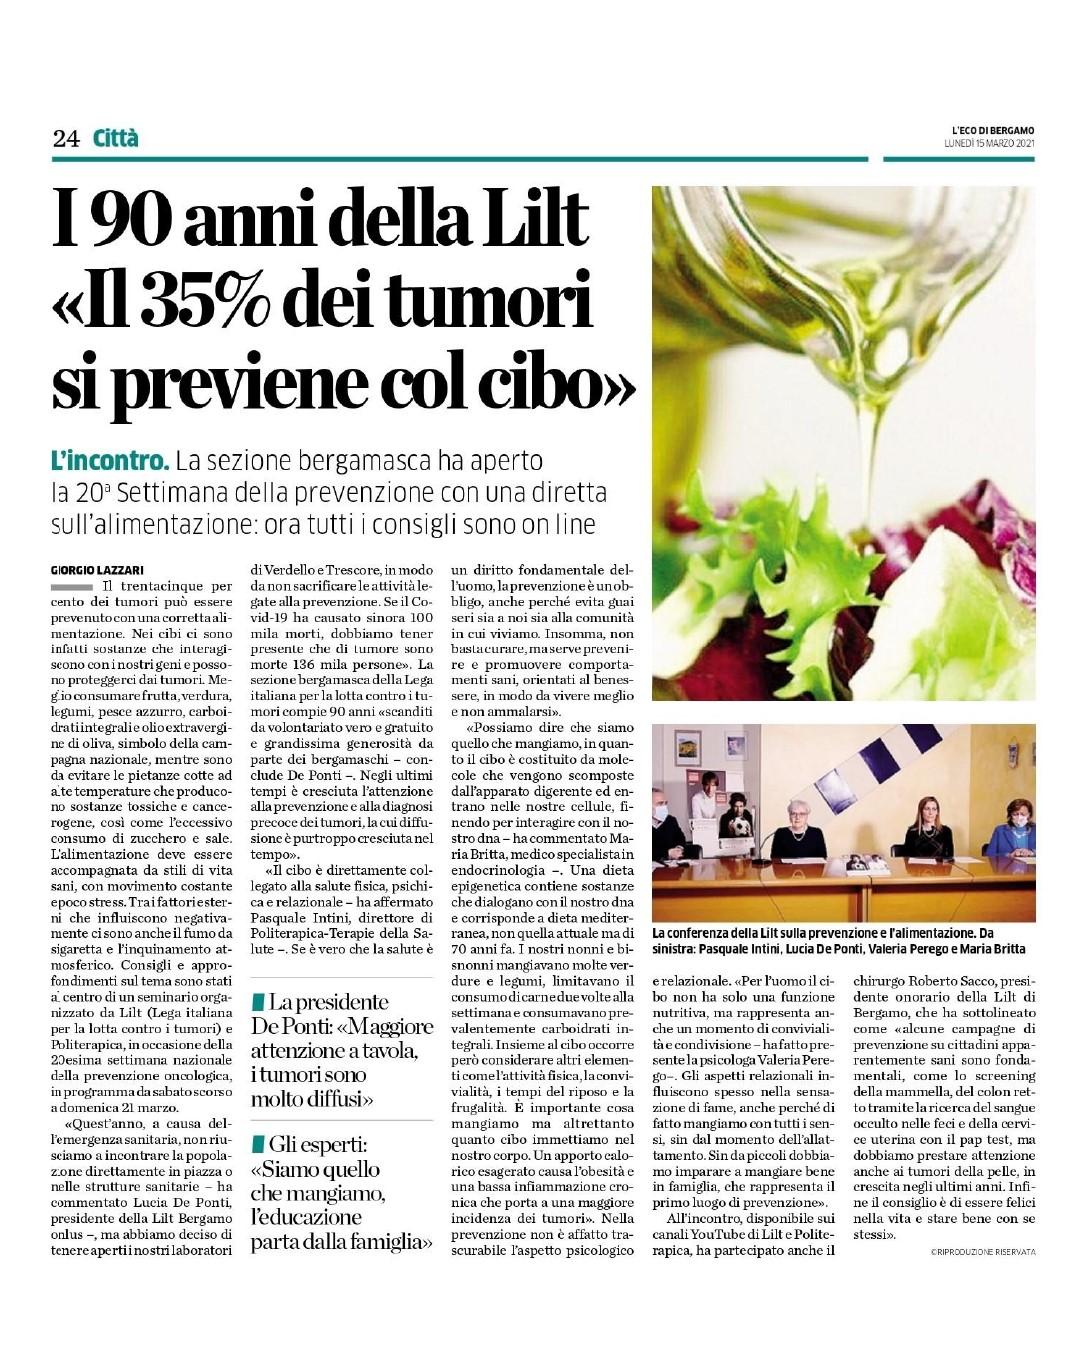 L'Eco di Bergamo - 15.3.2021 - Conferenza LILT e Politerapica